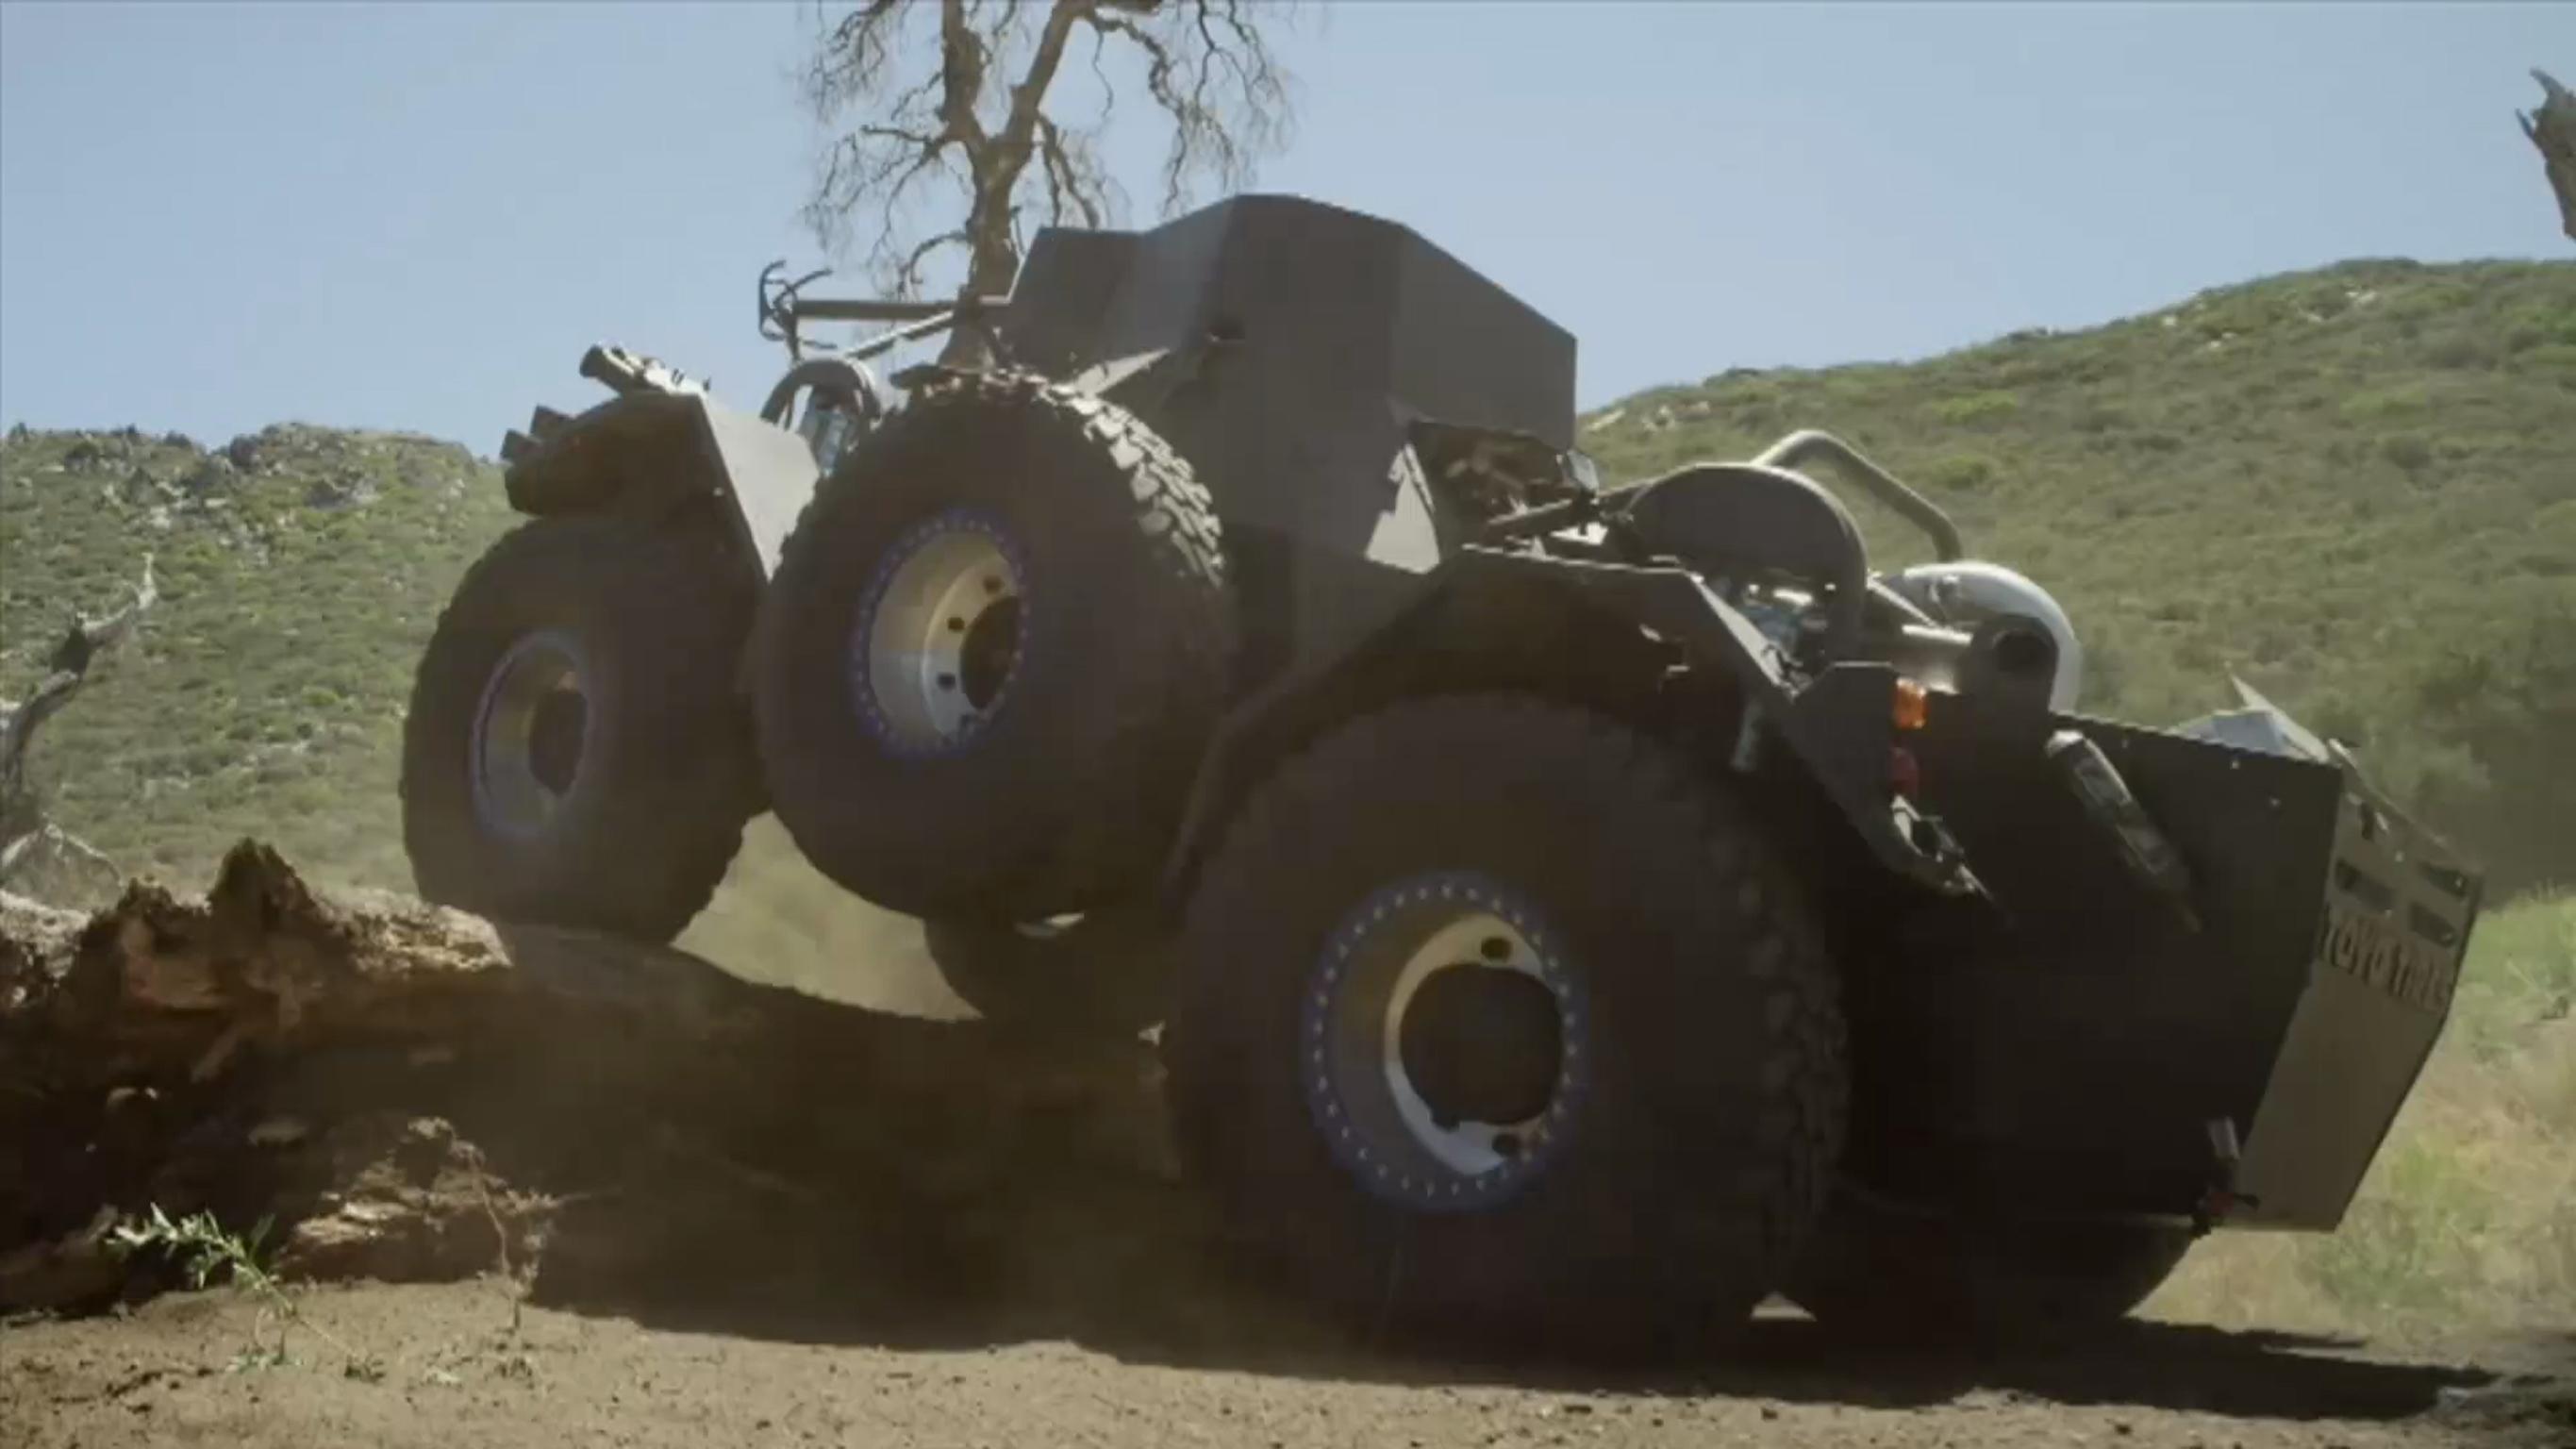 2016 Programa 183 - De vehículo militar a off road